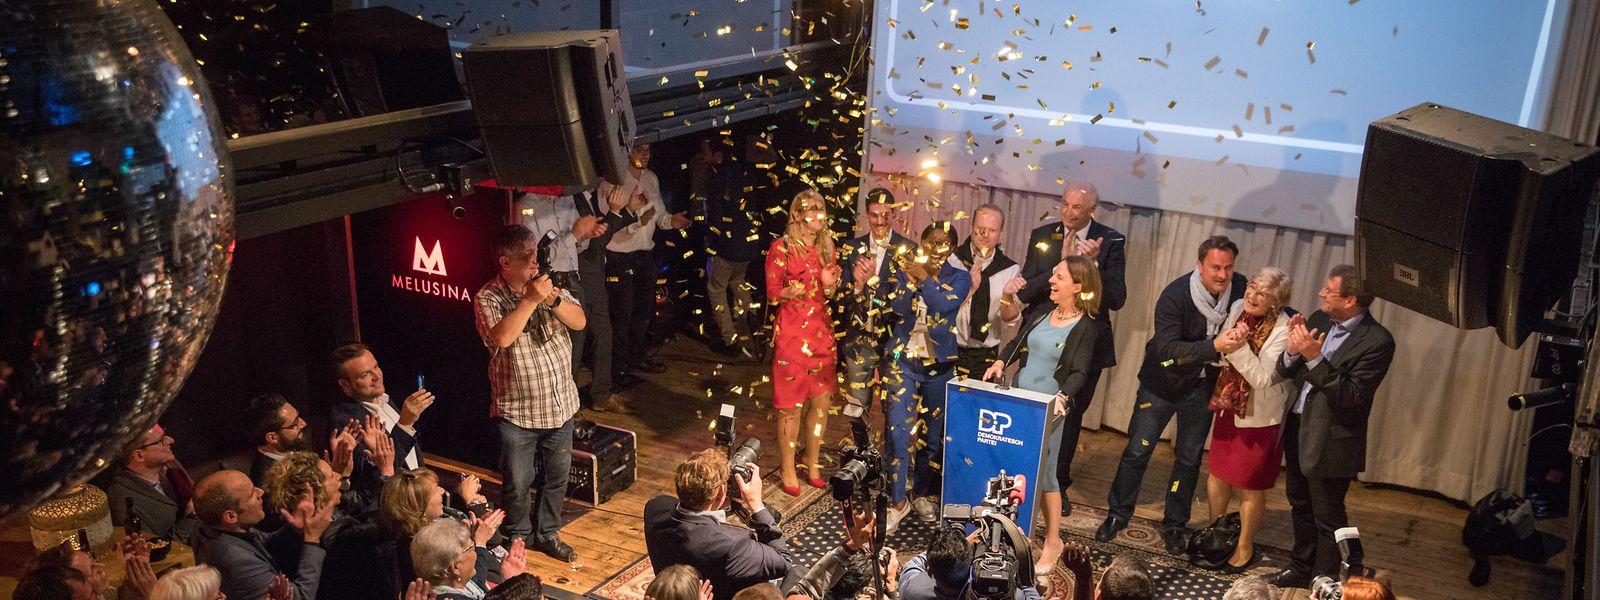 Die DP ist der eindeutige Sieger der Europawahlen: Ein Sitz mehr, ein Plus von 6,67 Prozent und die Liberalen sind zum ersten Mal die stärkste politische Kraft im Land.